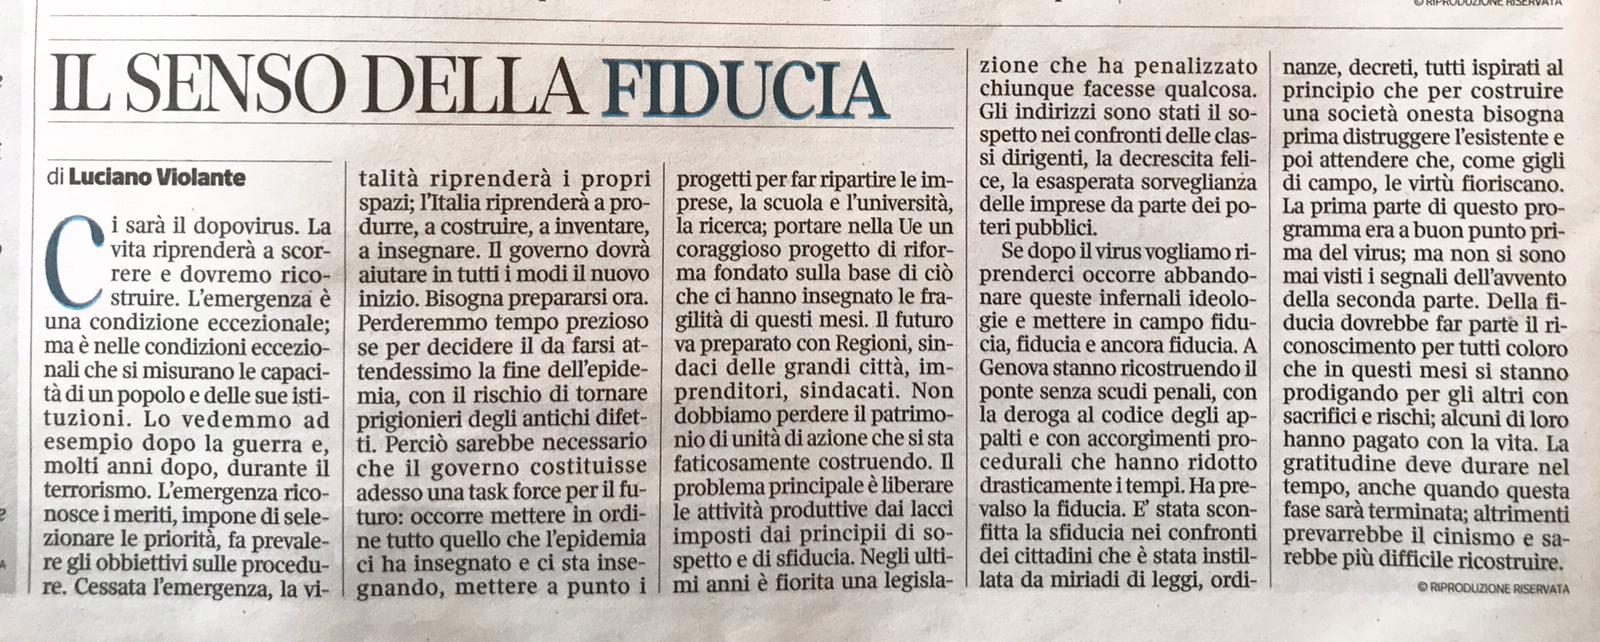 Bisogna guardare al futuro con fiducia, per ricostruire insieme una grande Italia dopo il coronavirus.